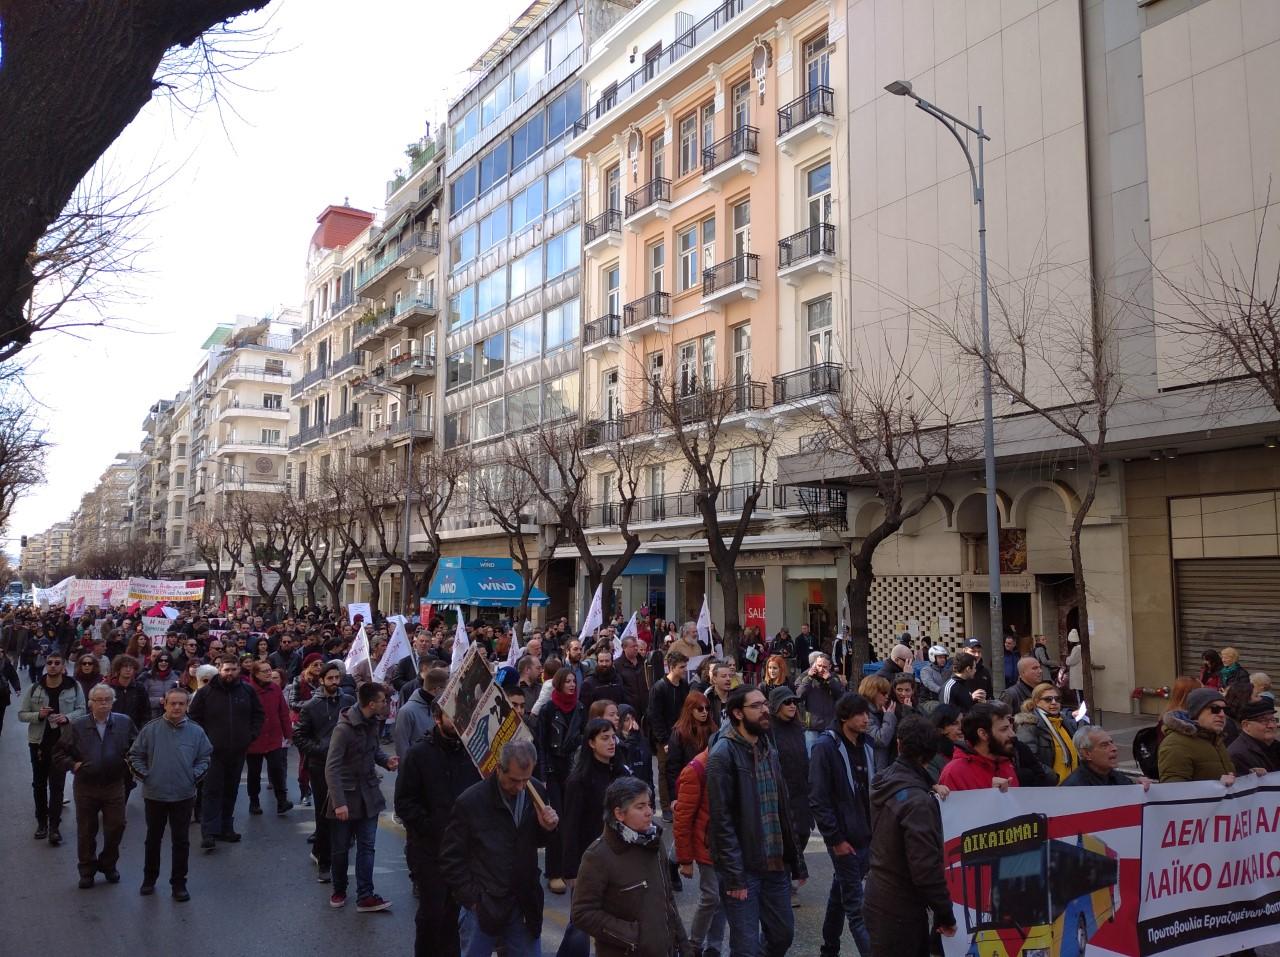 Μαζική η πορεία διαμαρτυρίας για την κατάσταση στον ΟΑΣΘ